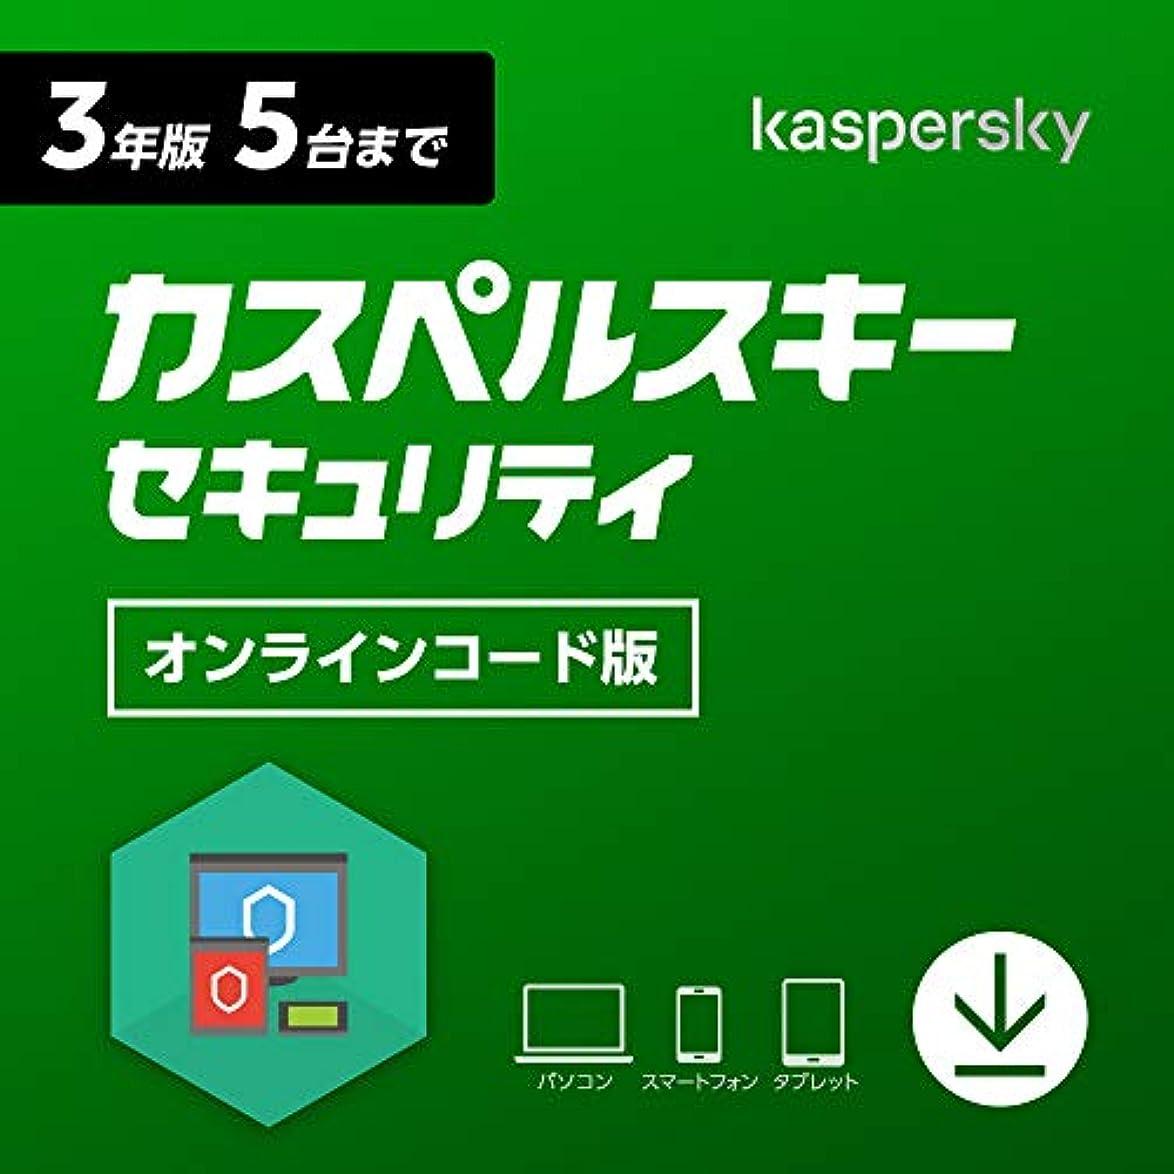 キャスト貢献塗抹カスペルスキー セキュリティ (最新版) | 3年 5台版 | オンラインコード版 | Windows/Mac/Android対応